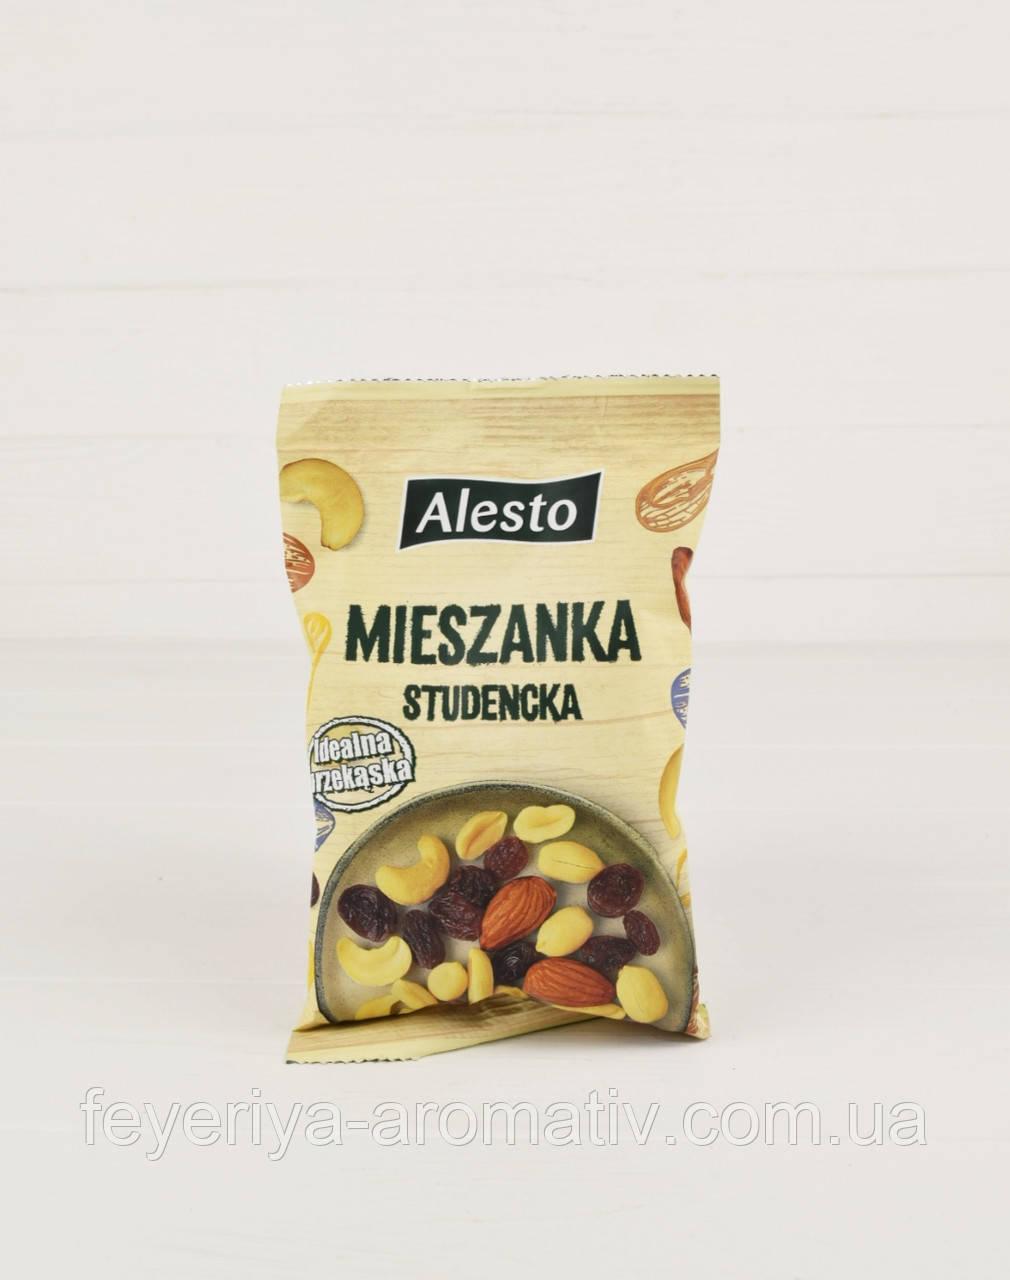 Смесь орехов и сухофруктов Alesto Mieszanka Studencka 200г (Германия)